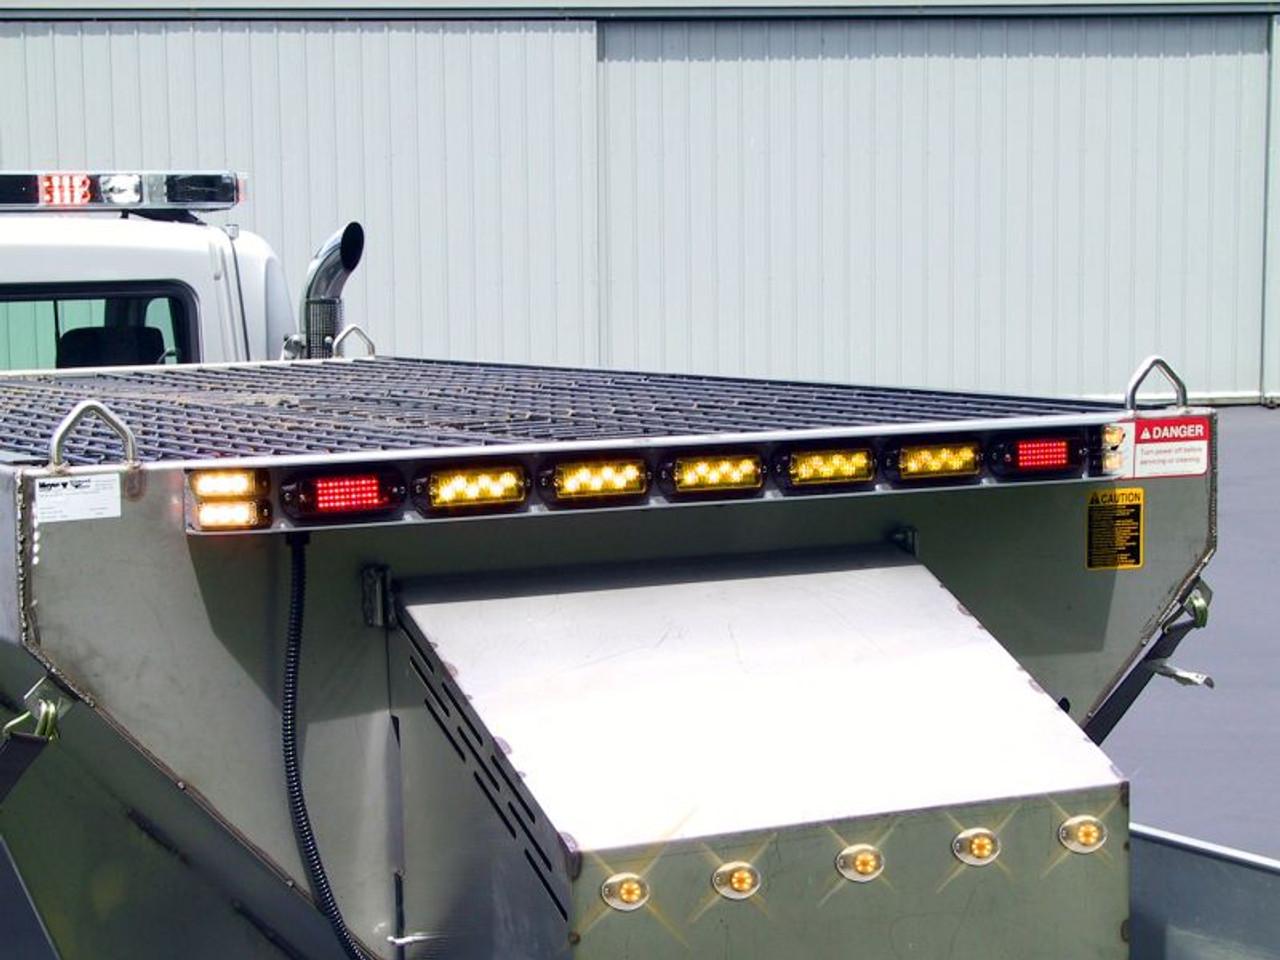 synchronized Utility Vehicle warning lights